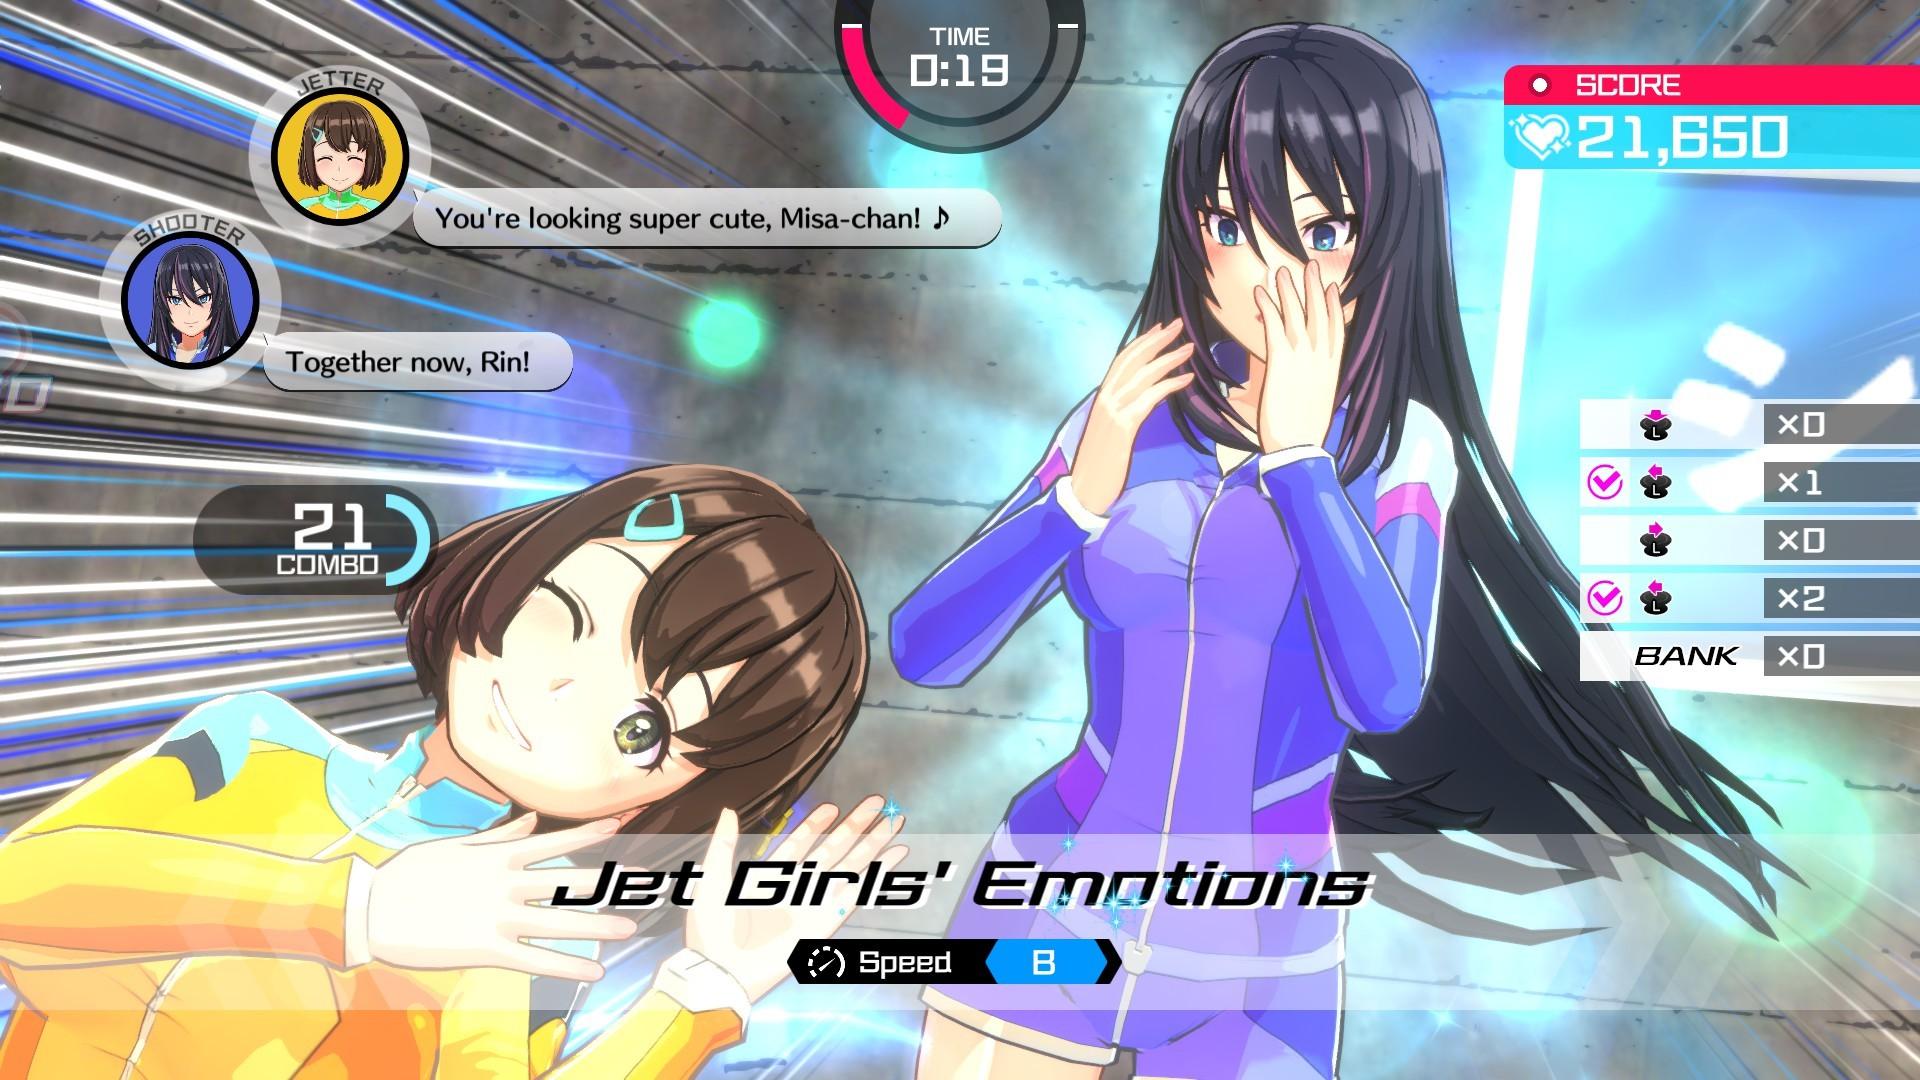 Kandagawa Jet Girls Free Download